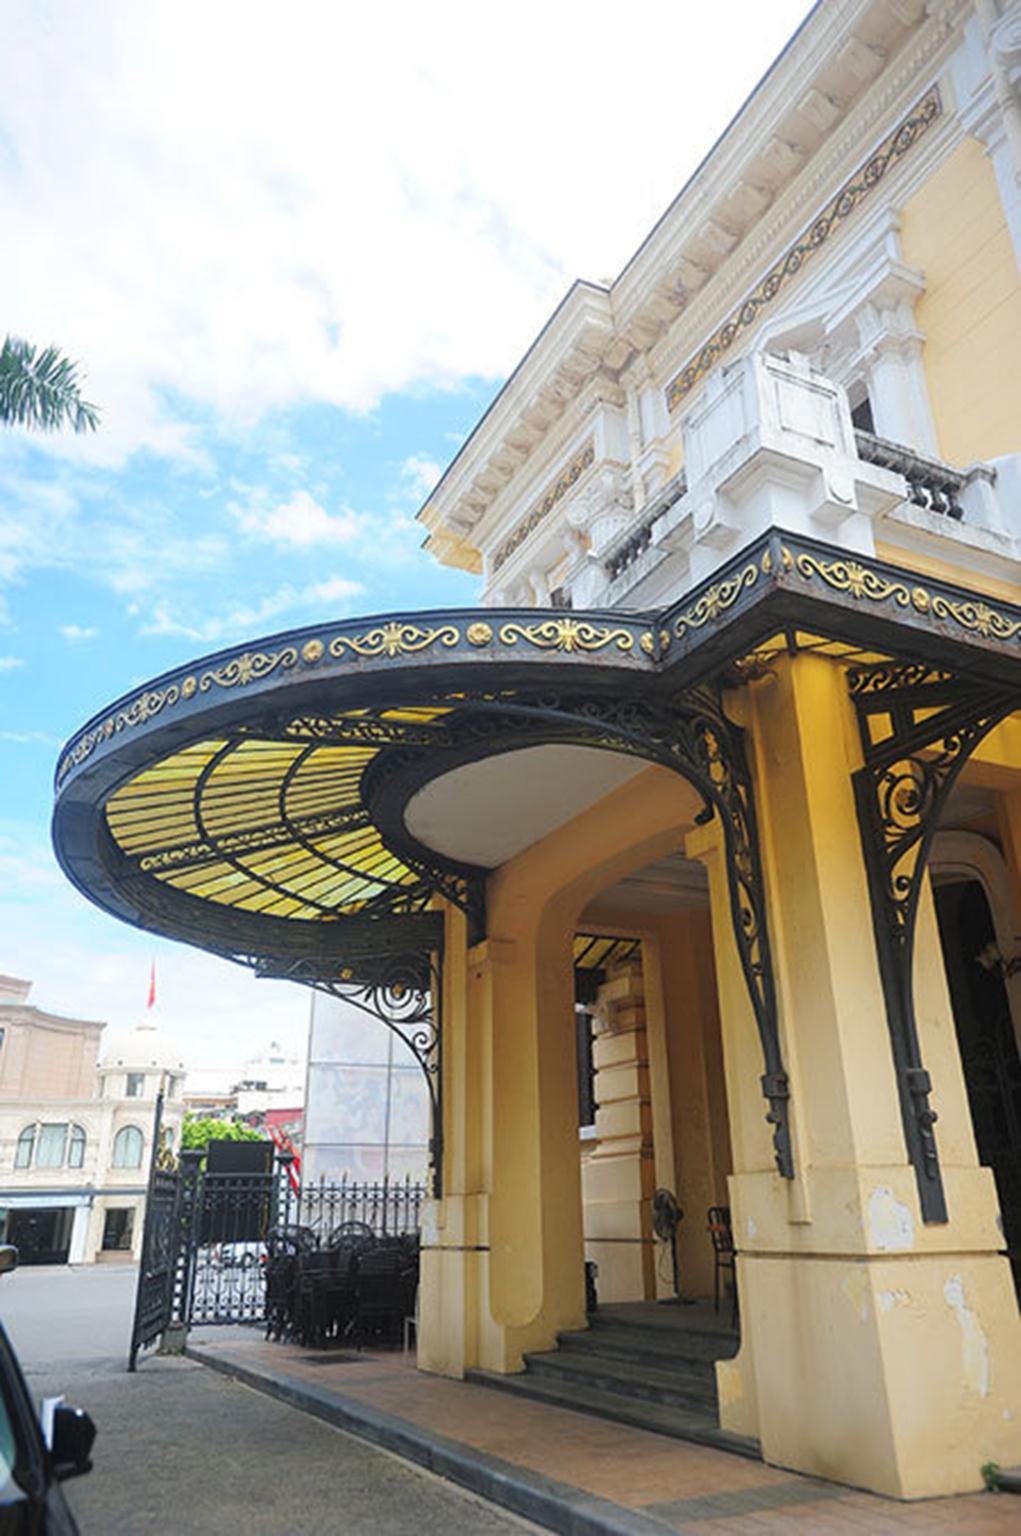 Theo GS Kính, lần đầu trùng tu có sự chỉ đạo của Thủ tướng Võ Văn Kiệt và Bộ trưởng Văn hoá Thông tin Nguyễn Khoa Điềm dù Nhà hát Lớn chưa được công nhận Di tích quốc gia. Nhiều chuyên gia Pháp cũng sang tận nơi trực tiếp tham gia vào dự án.